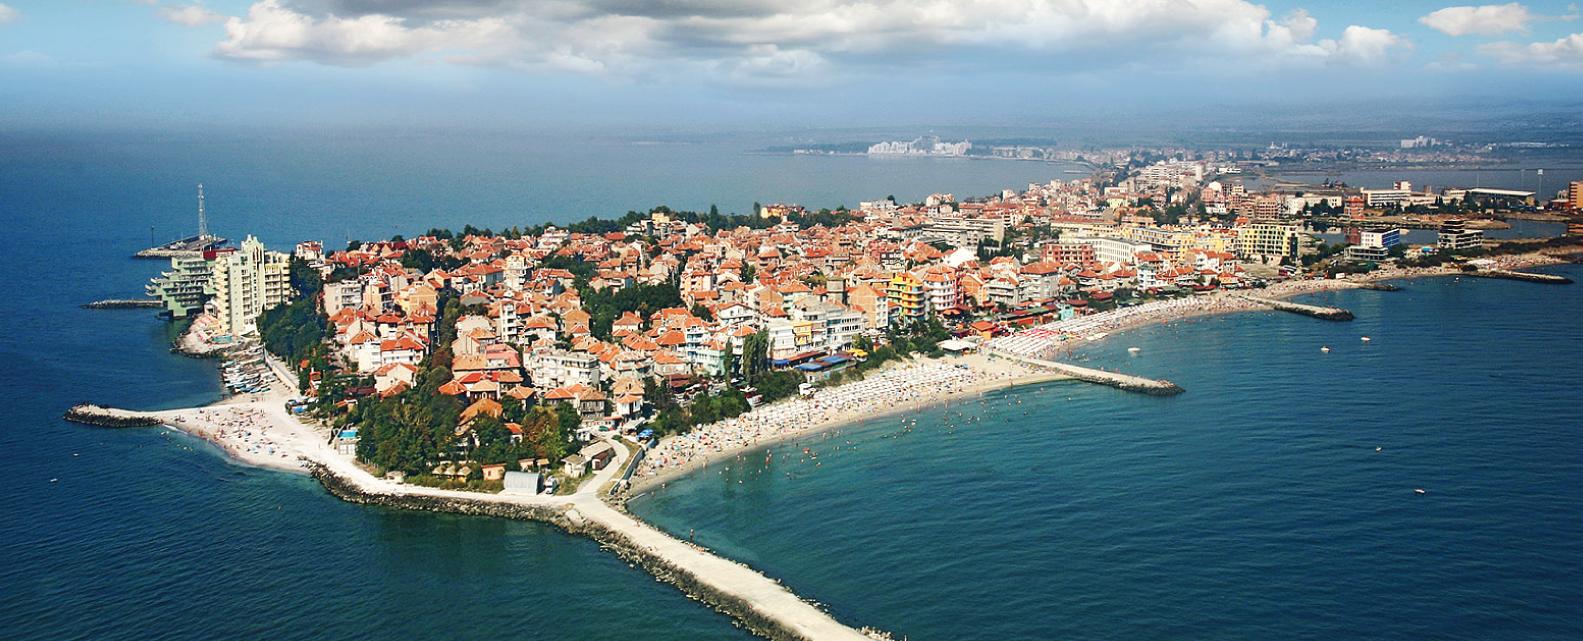 Варна или бургас где лучше жить